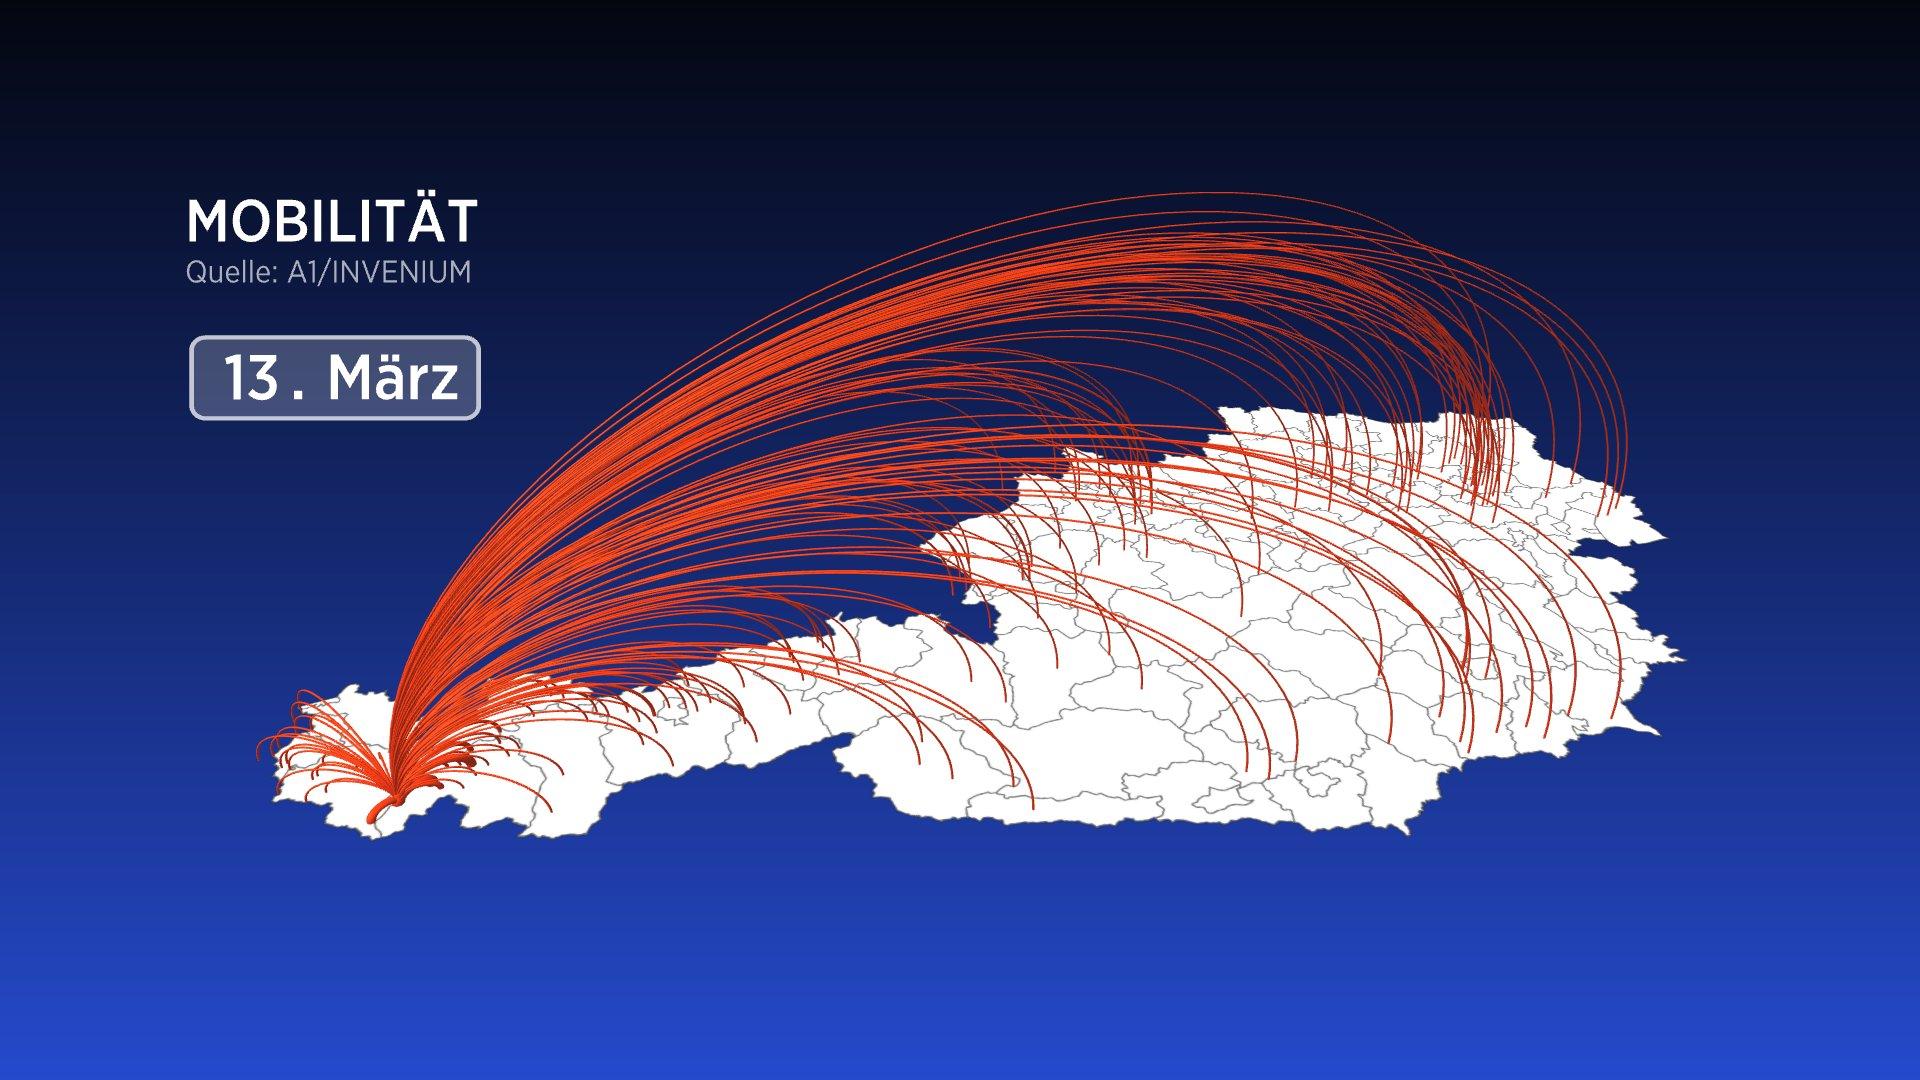 (c) Zeit im Bild: Abreisende aus Ischgl am 13.3.2020